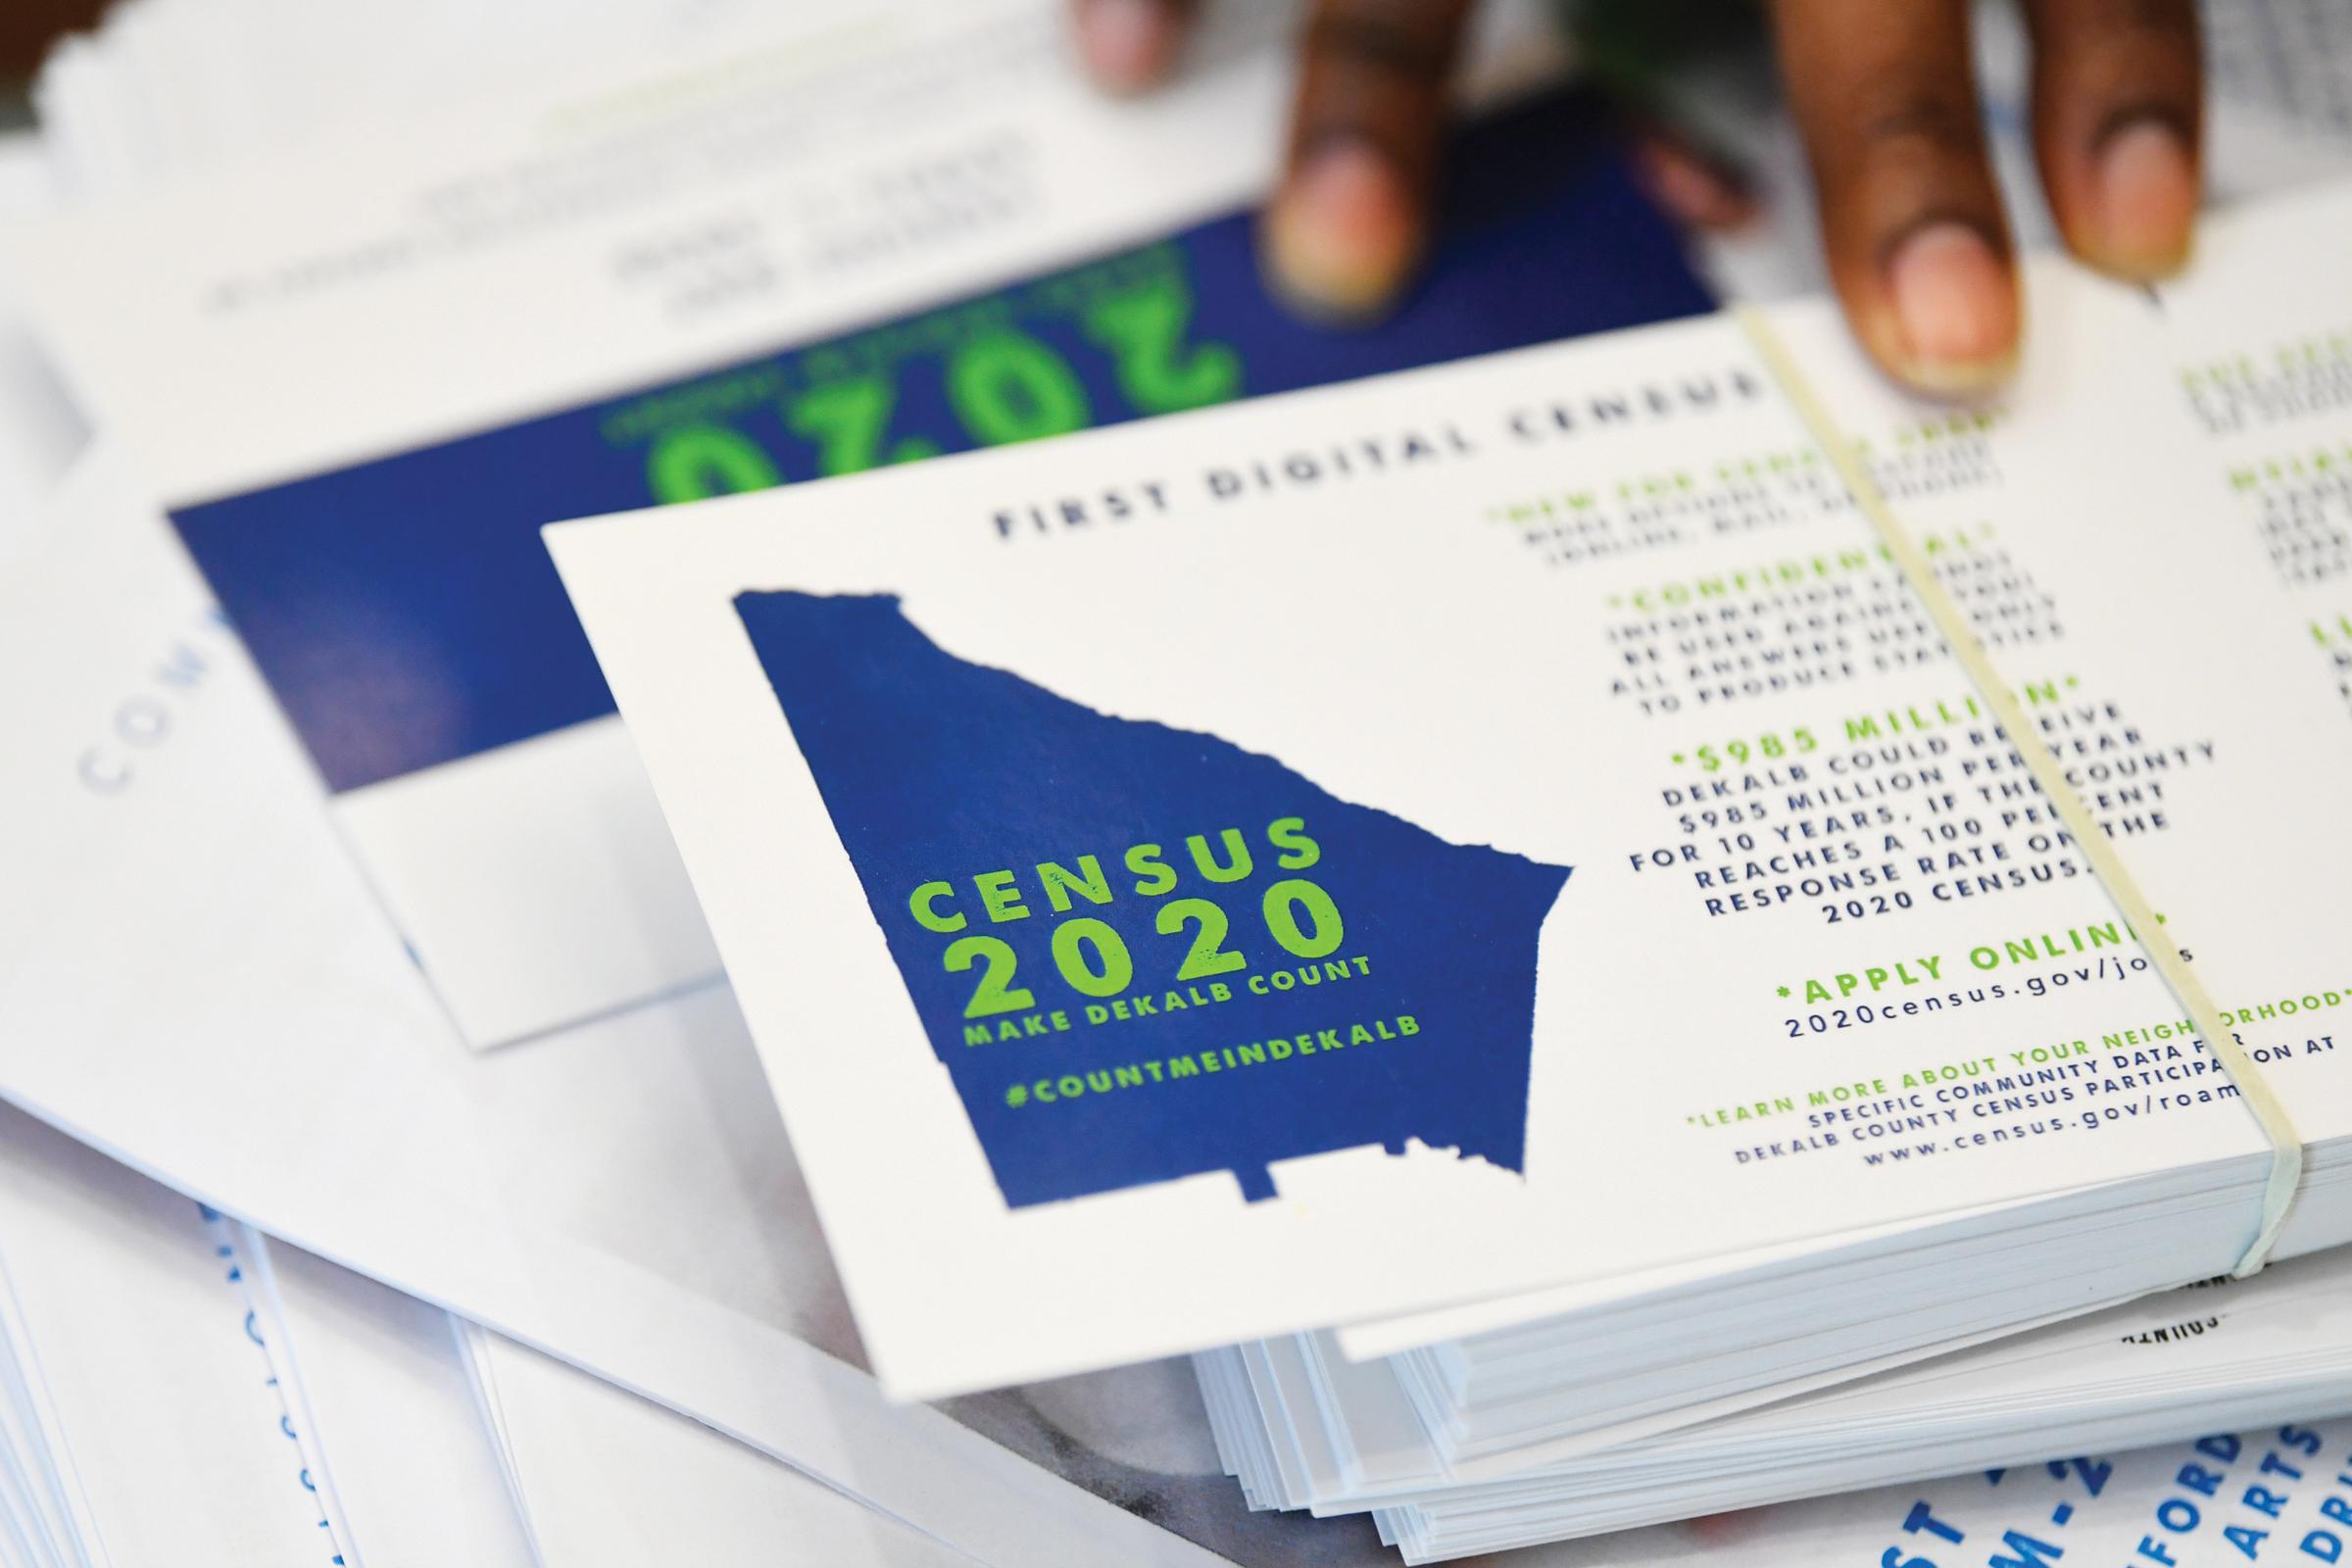 Censo 2020: No pierda la oportunidad de ser contado